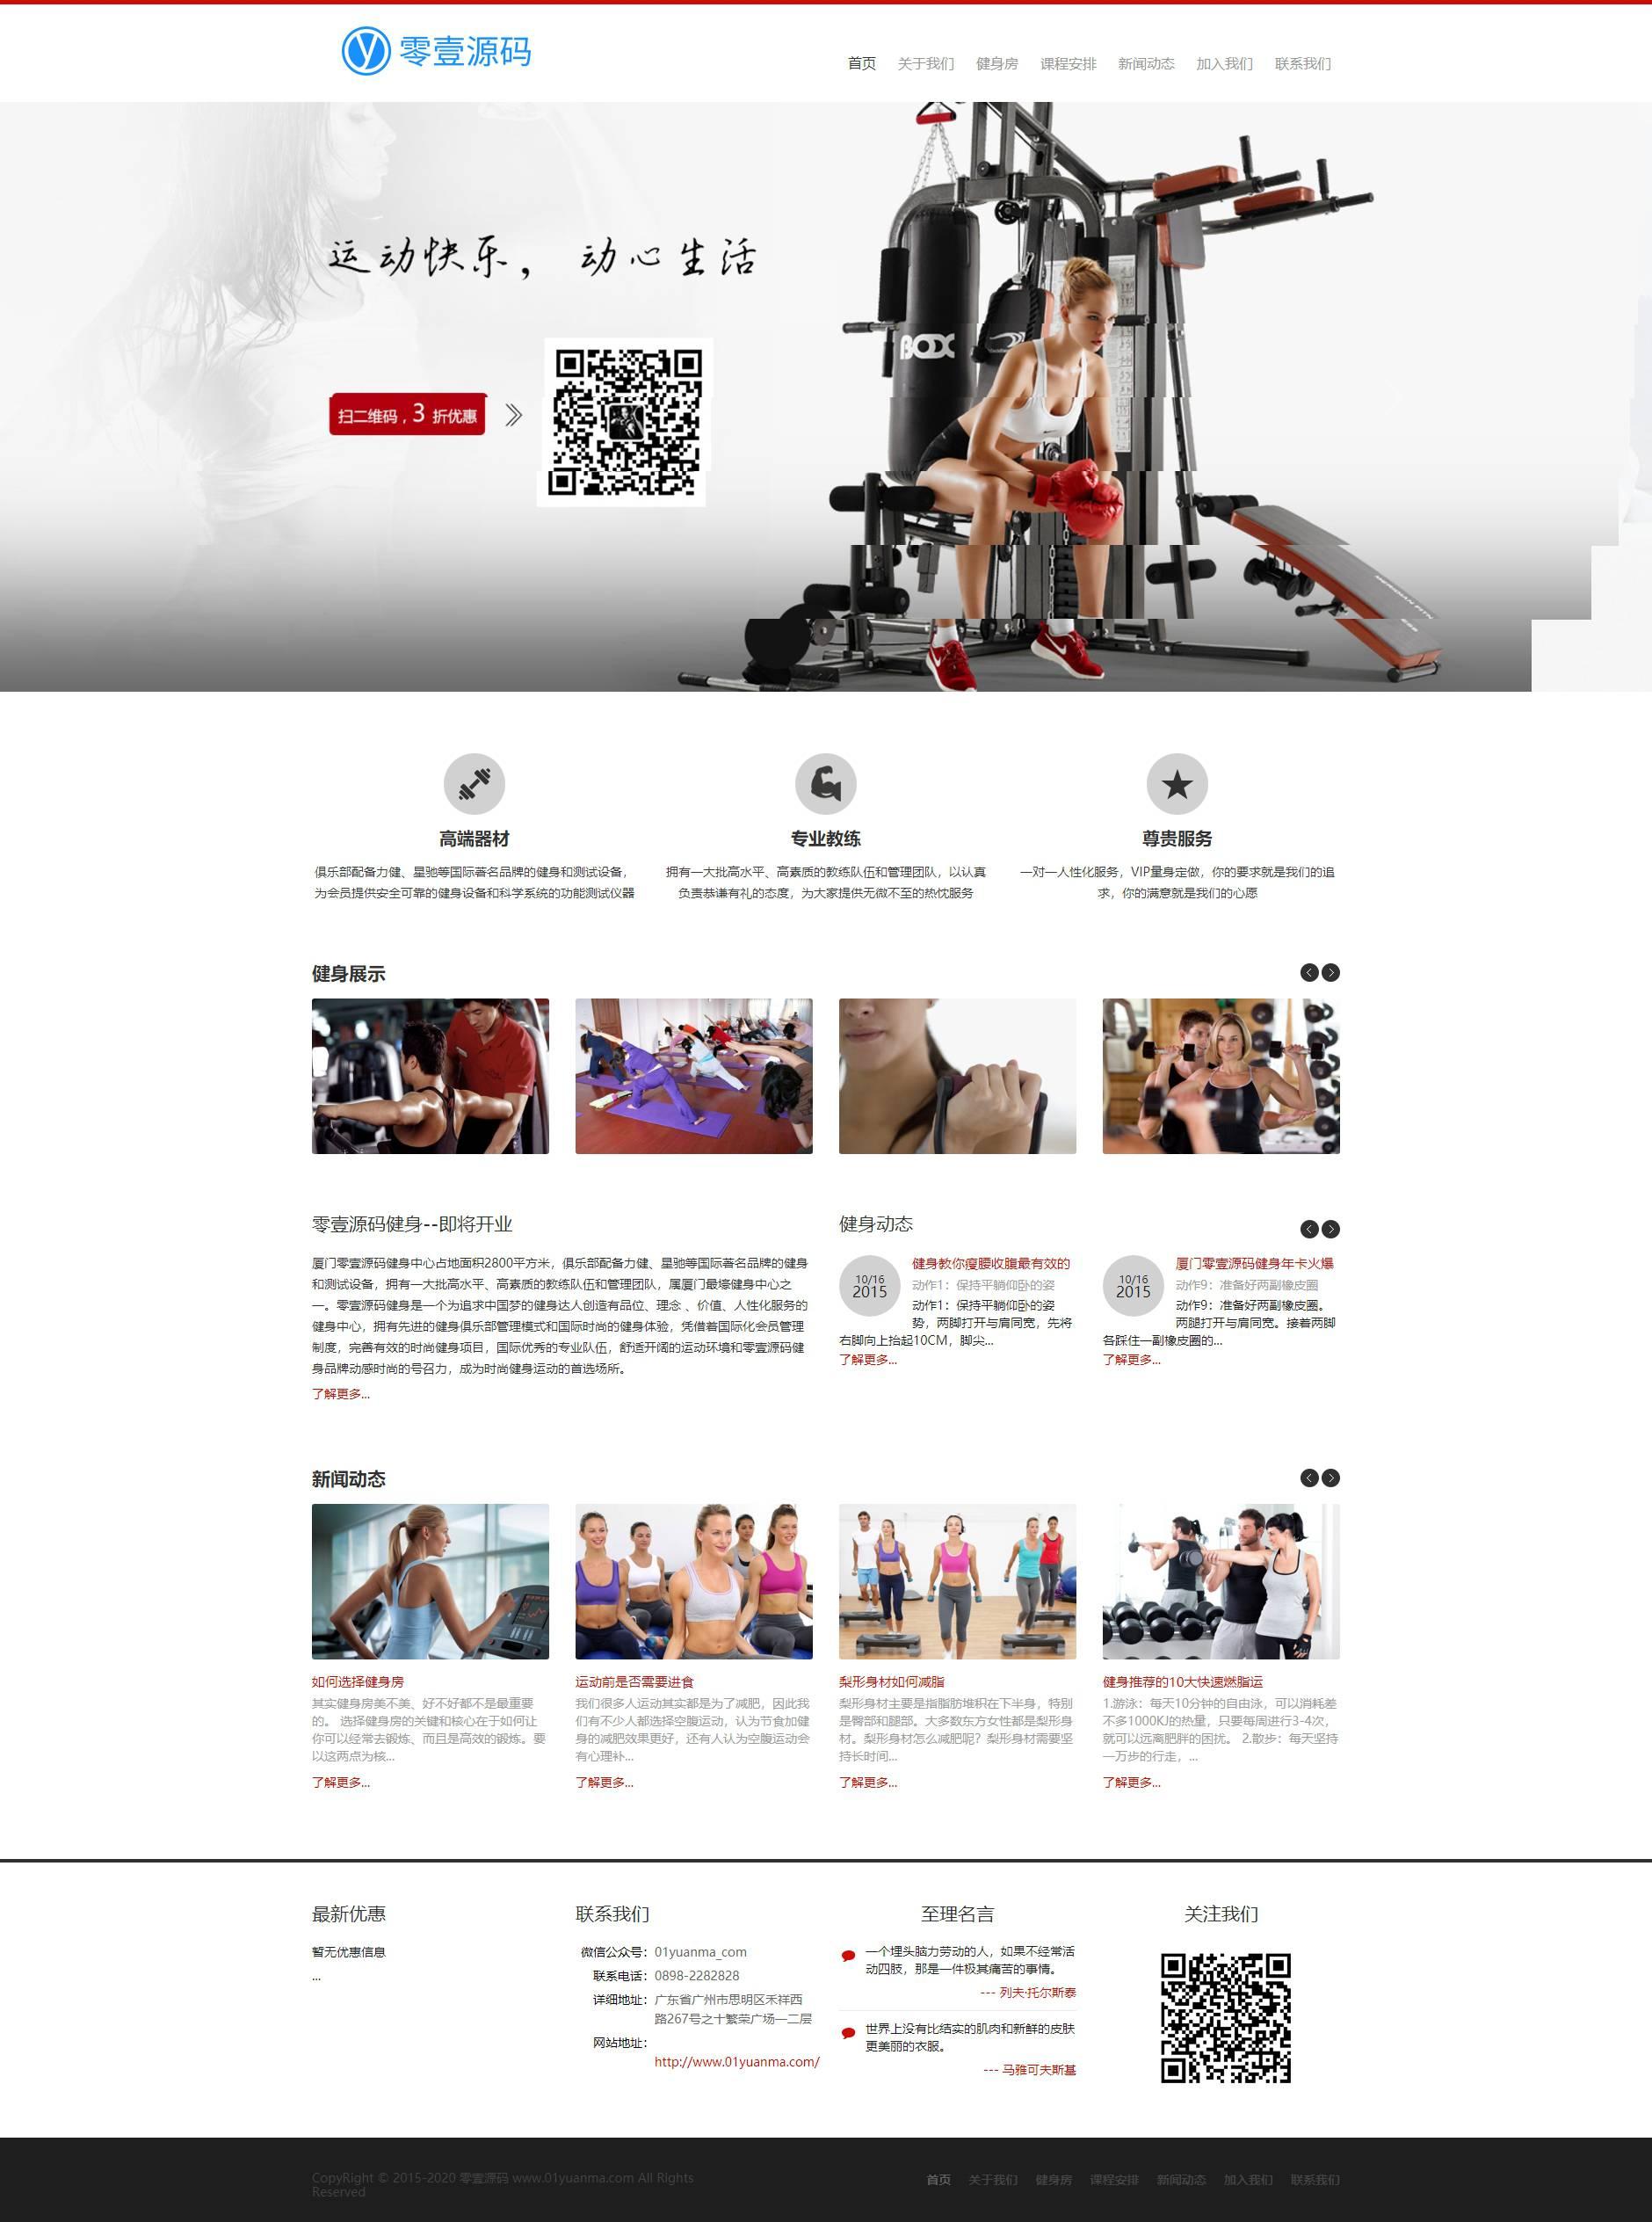 织梦dedecms自适应健身房信息展示网站模板